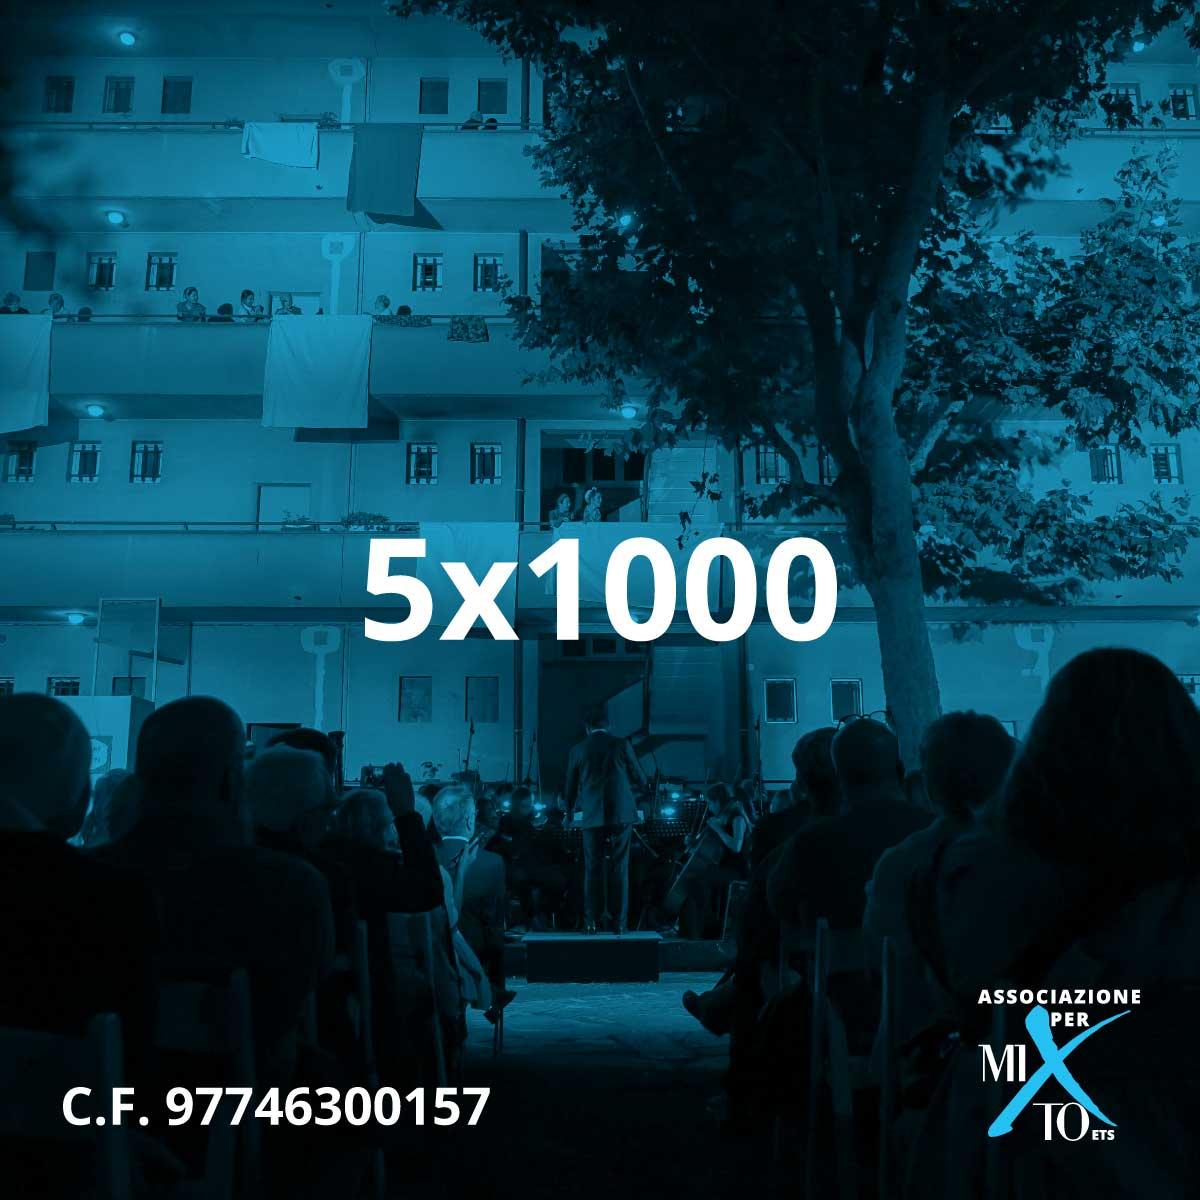 5x1000 Associazione per MITO ETS